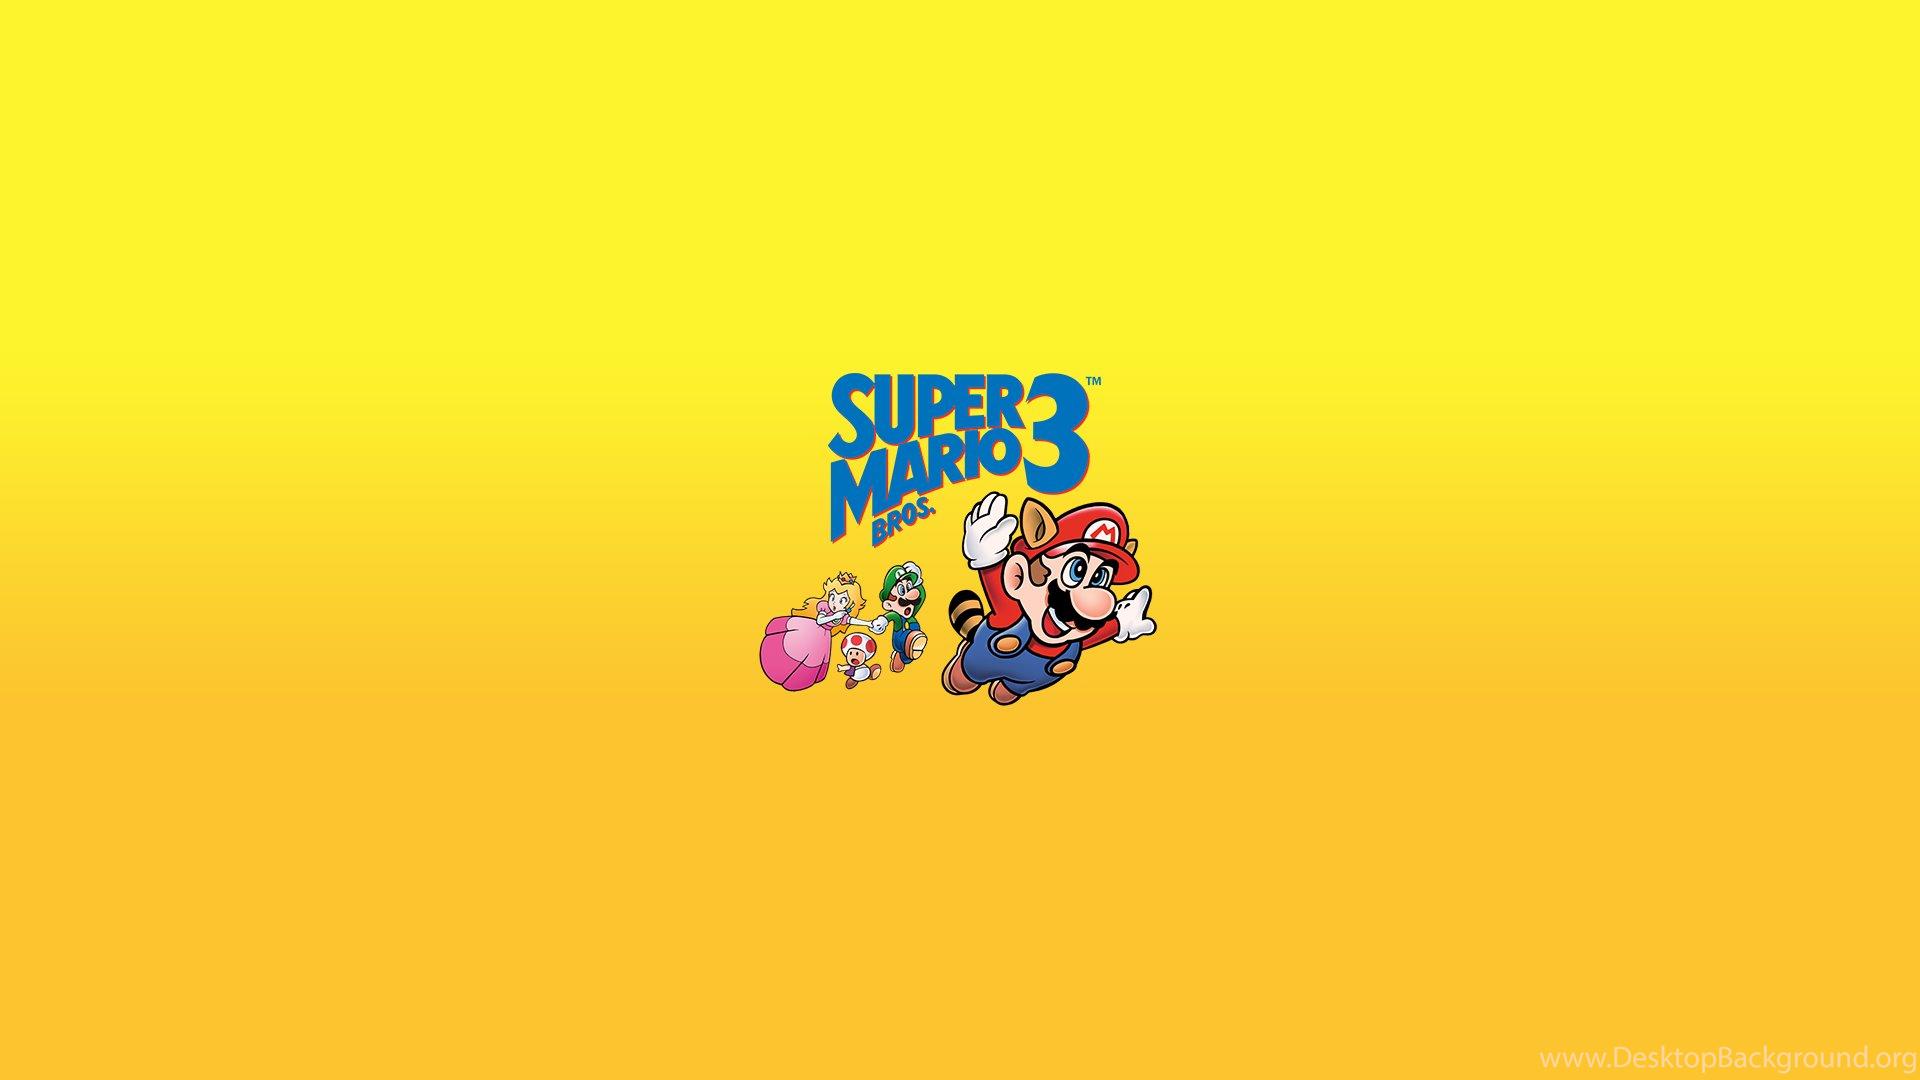 original super mario bros 3 background